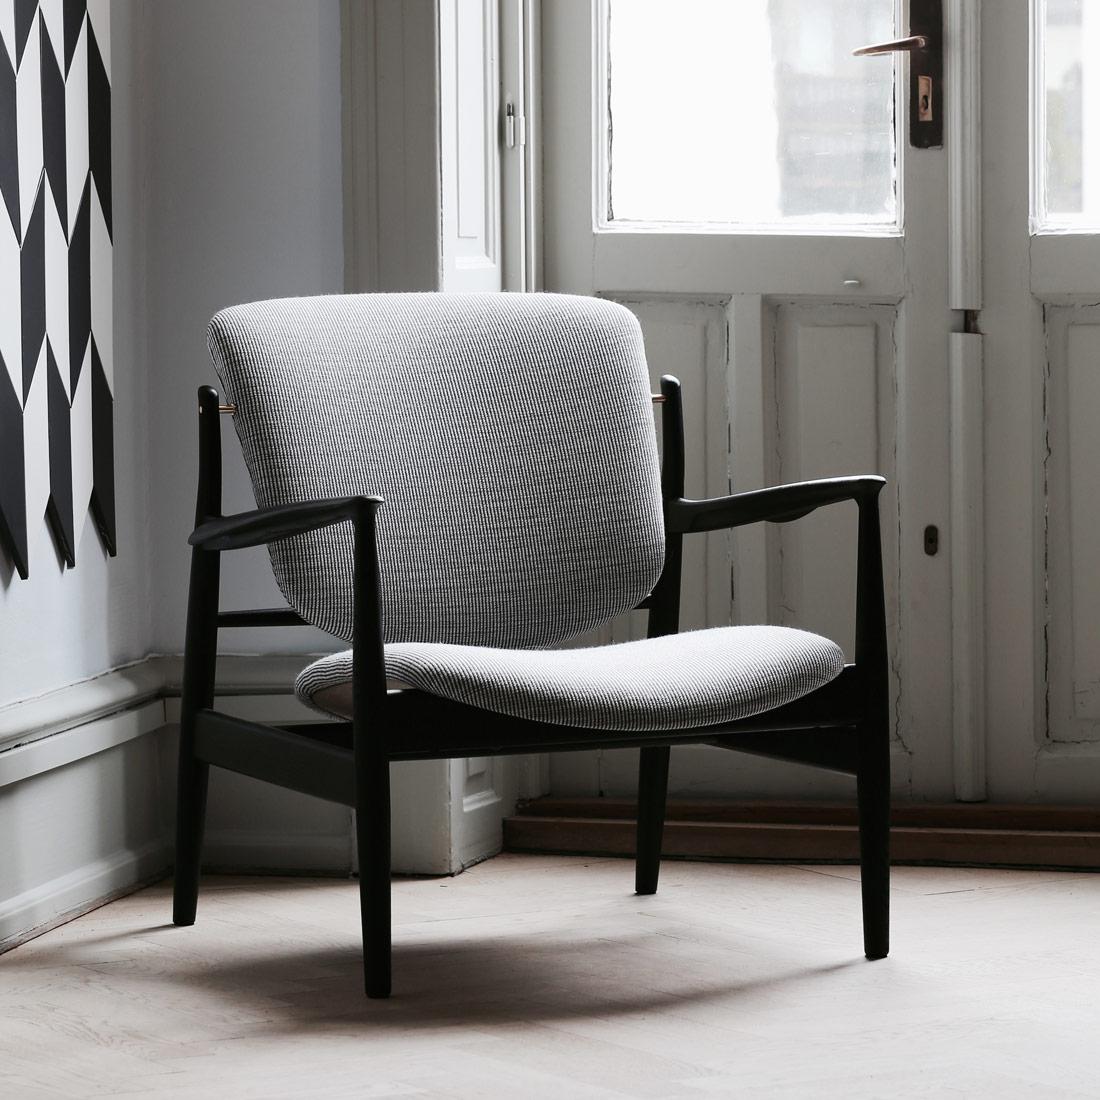 France Chair fra House of Finn Juhl